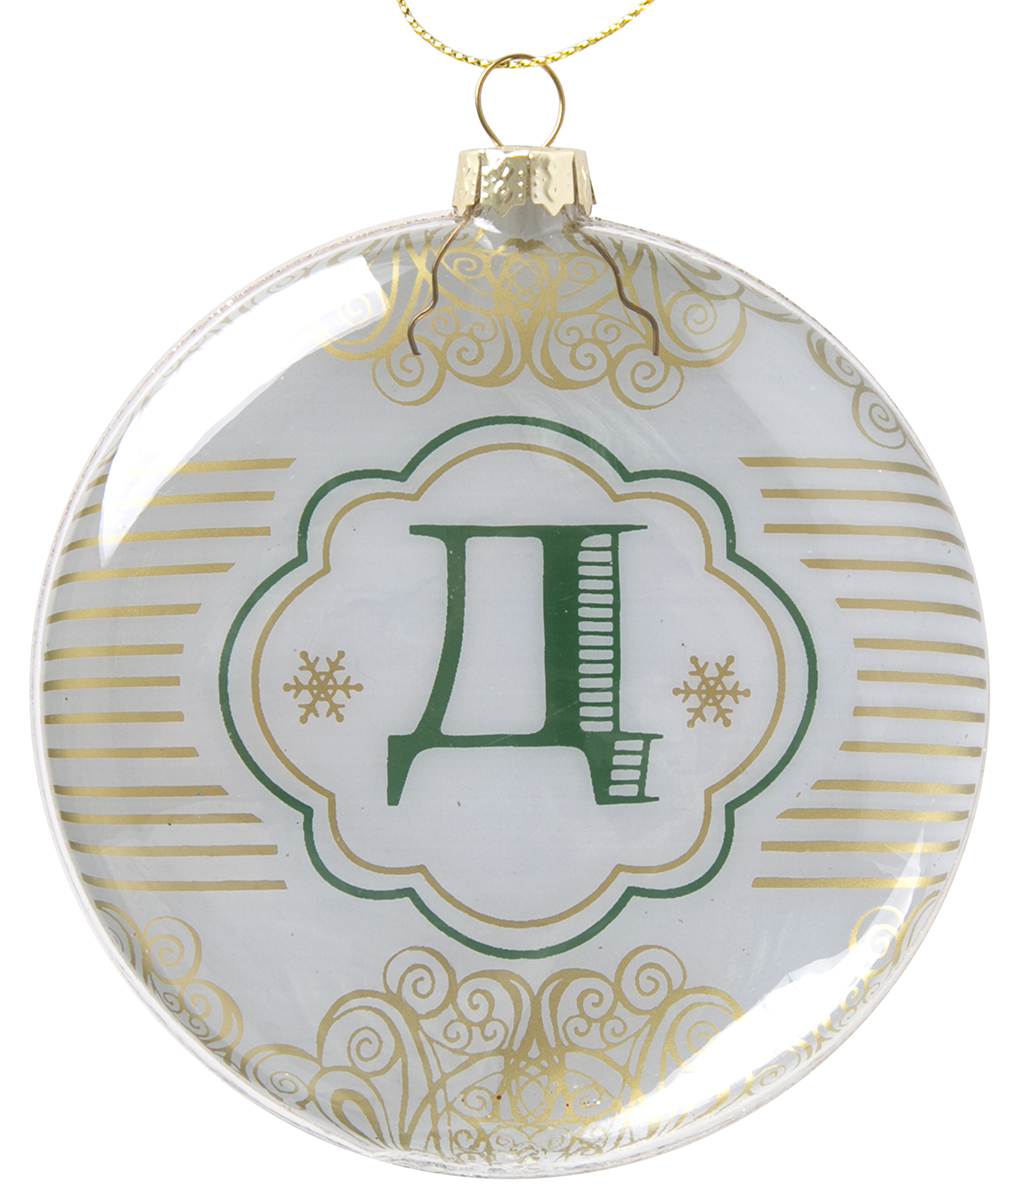 Украшение новогоднее подвесное Magic Time Буква Д, стеклянное75826Новогоднее подвесное украшение, выполненное из стекла, в виде буквы Д.